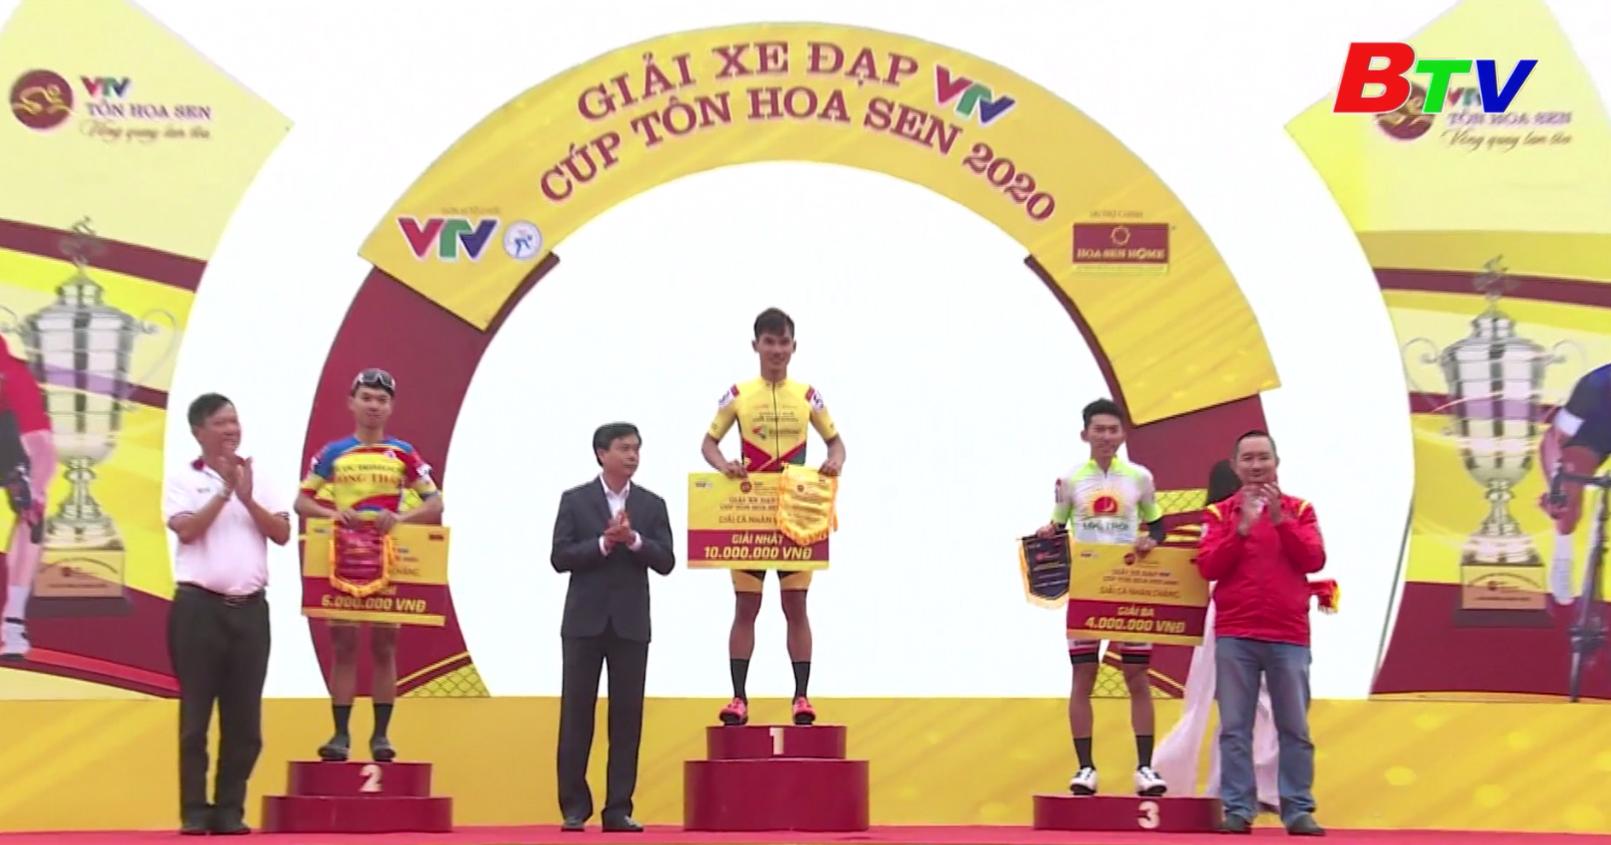 Kết quả Chặng 3 Giải xe đạp VTV Cúp Tôn Hoa Sen 2020